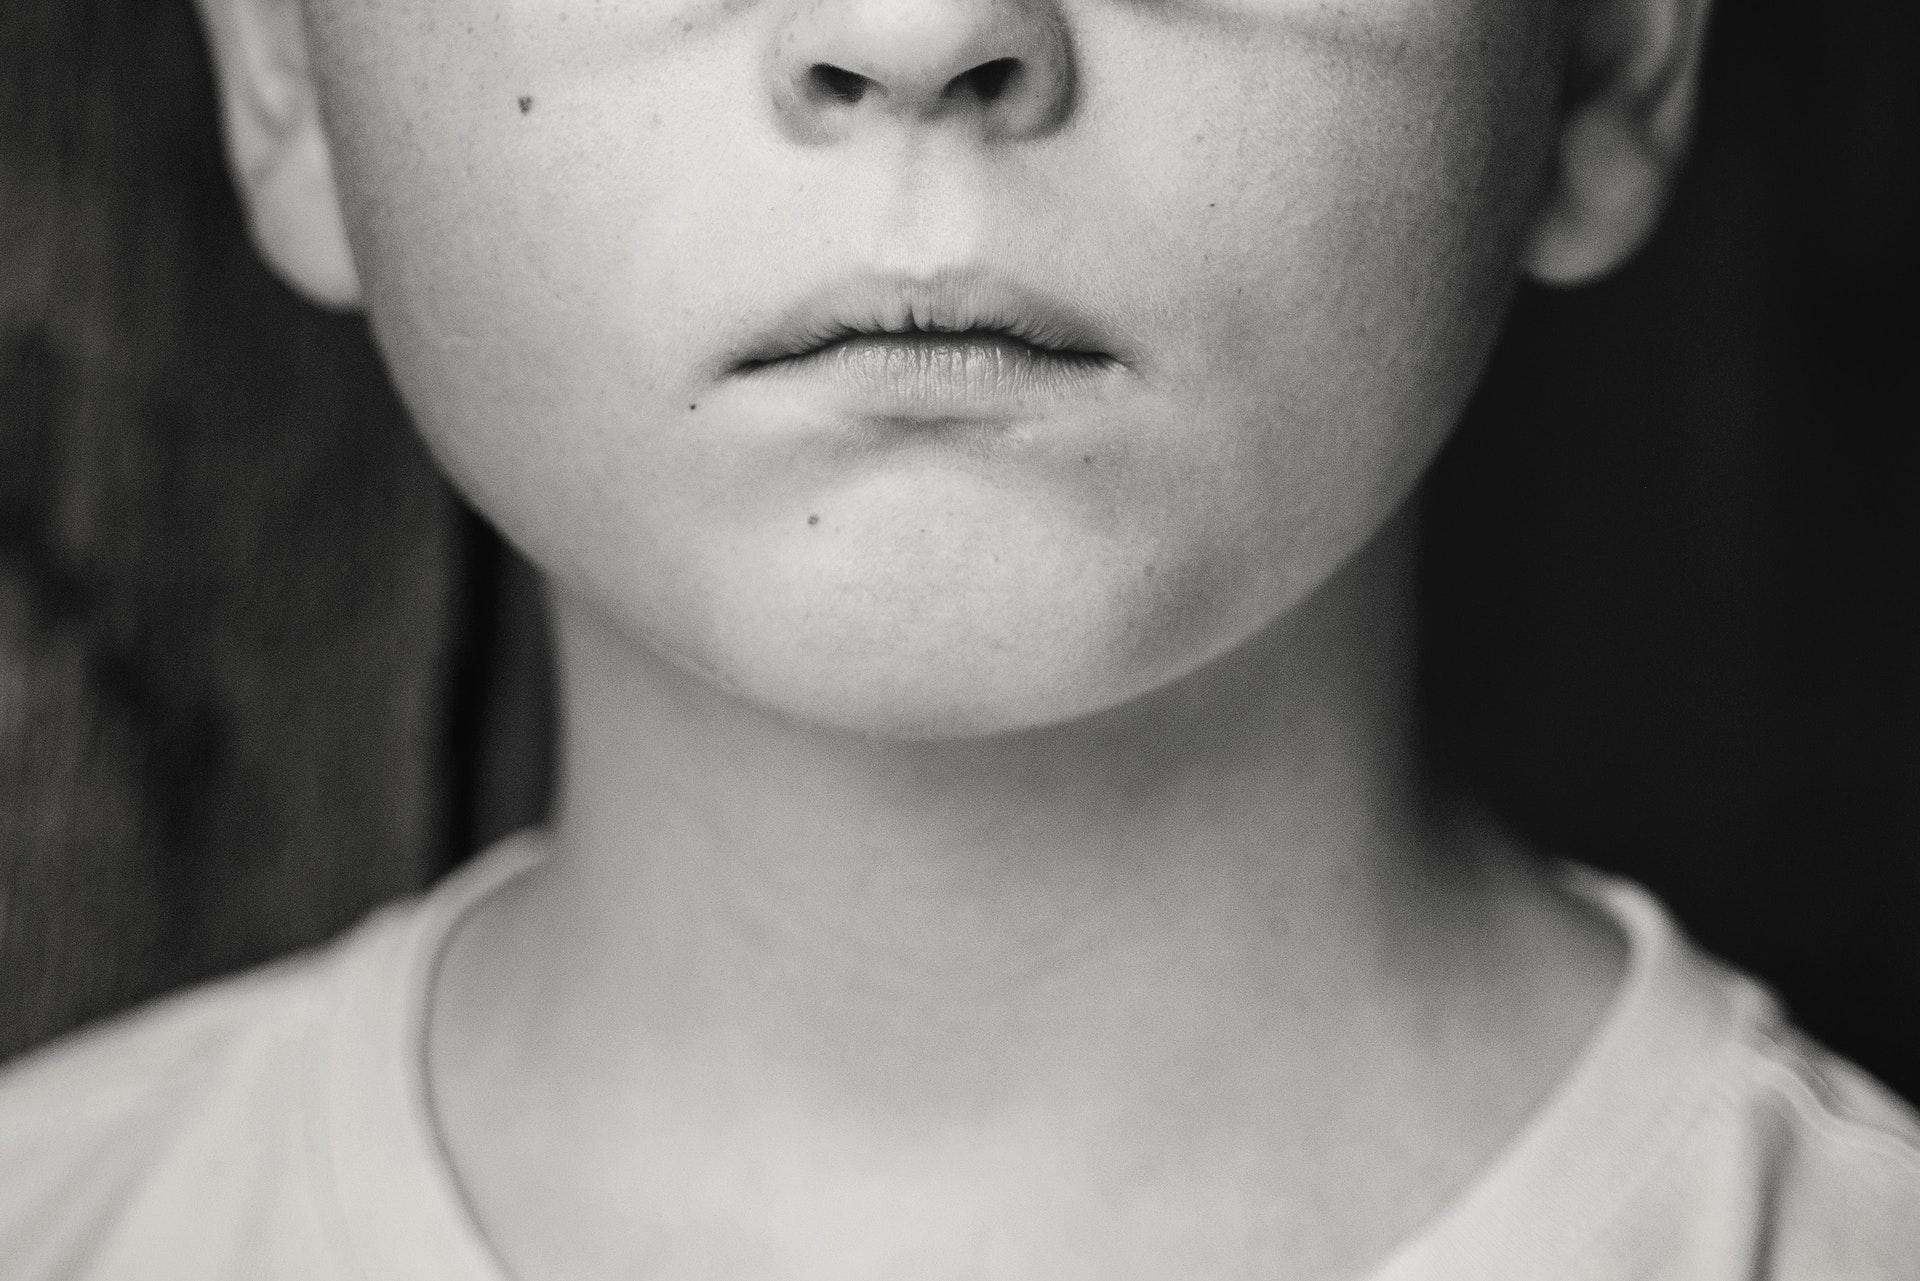 boy-black-white.jpeg